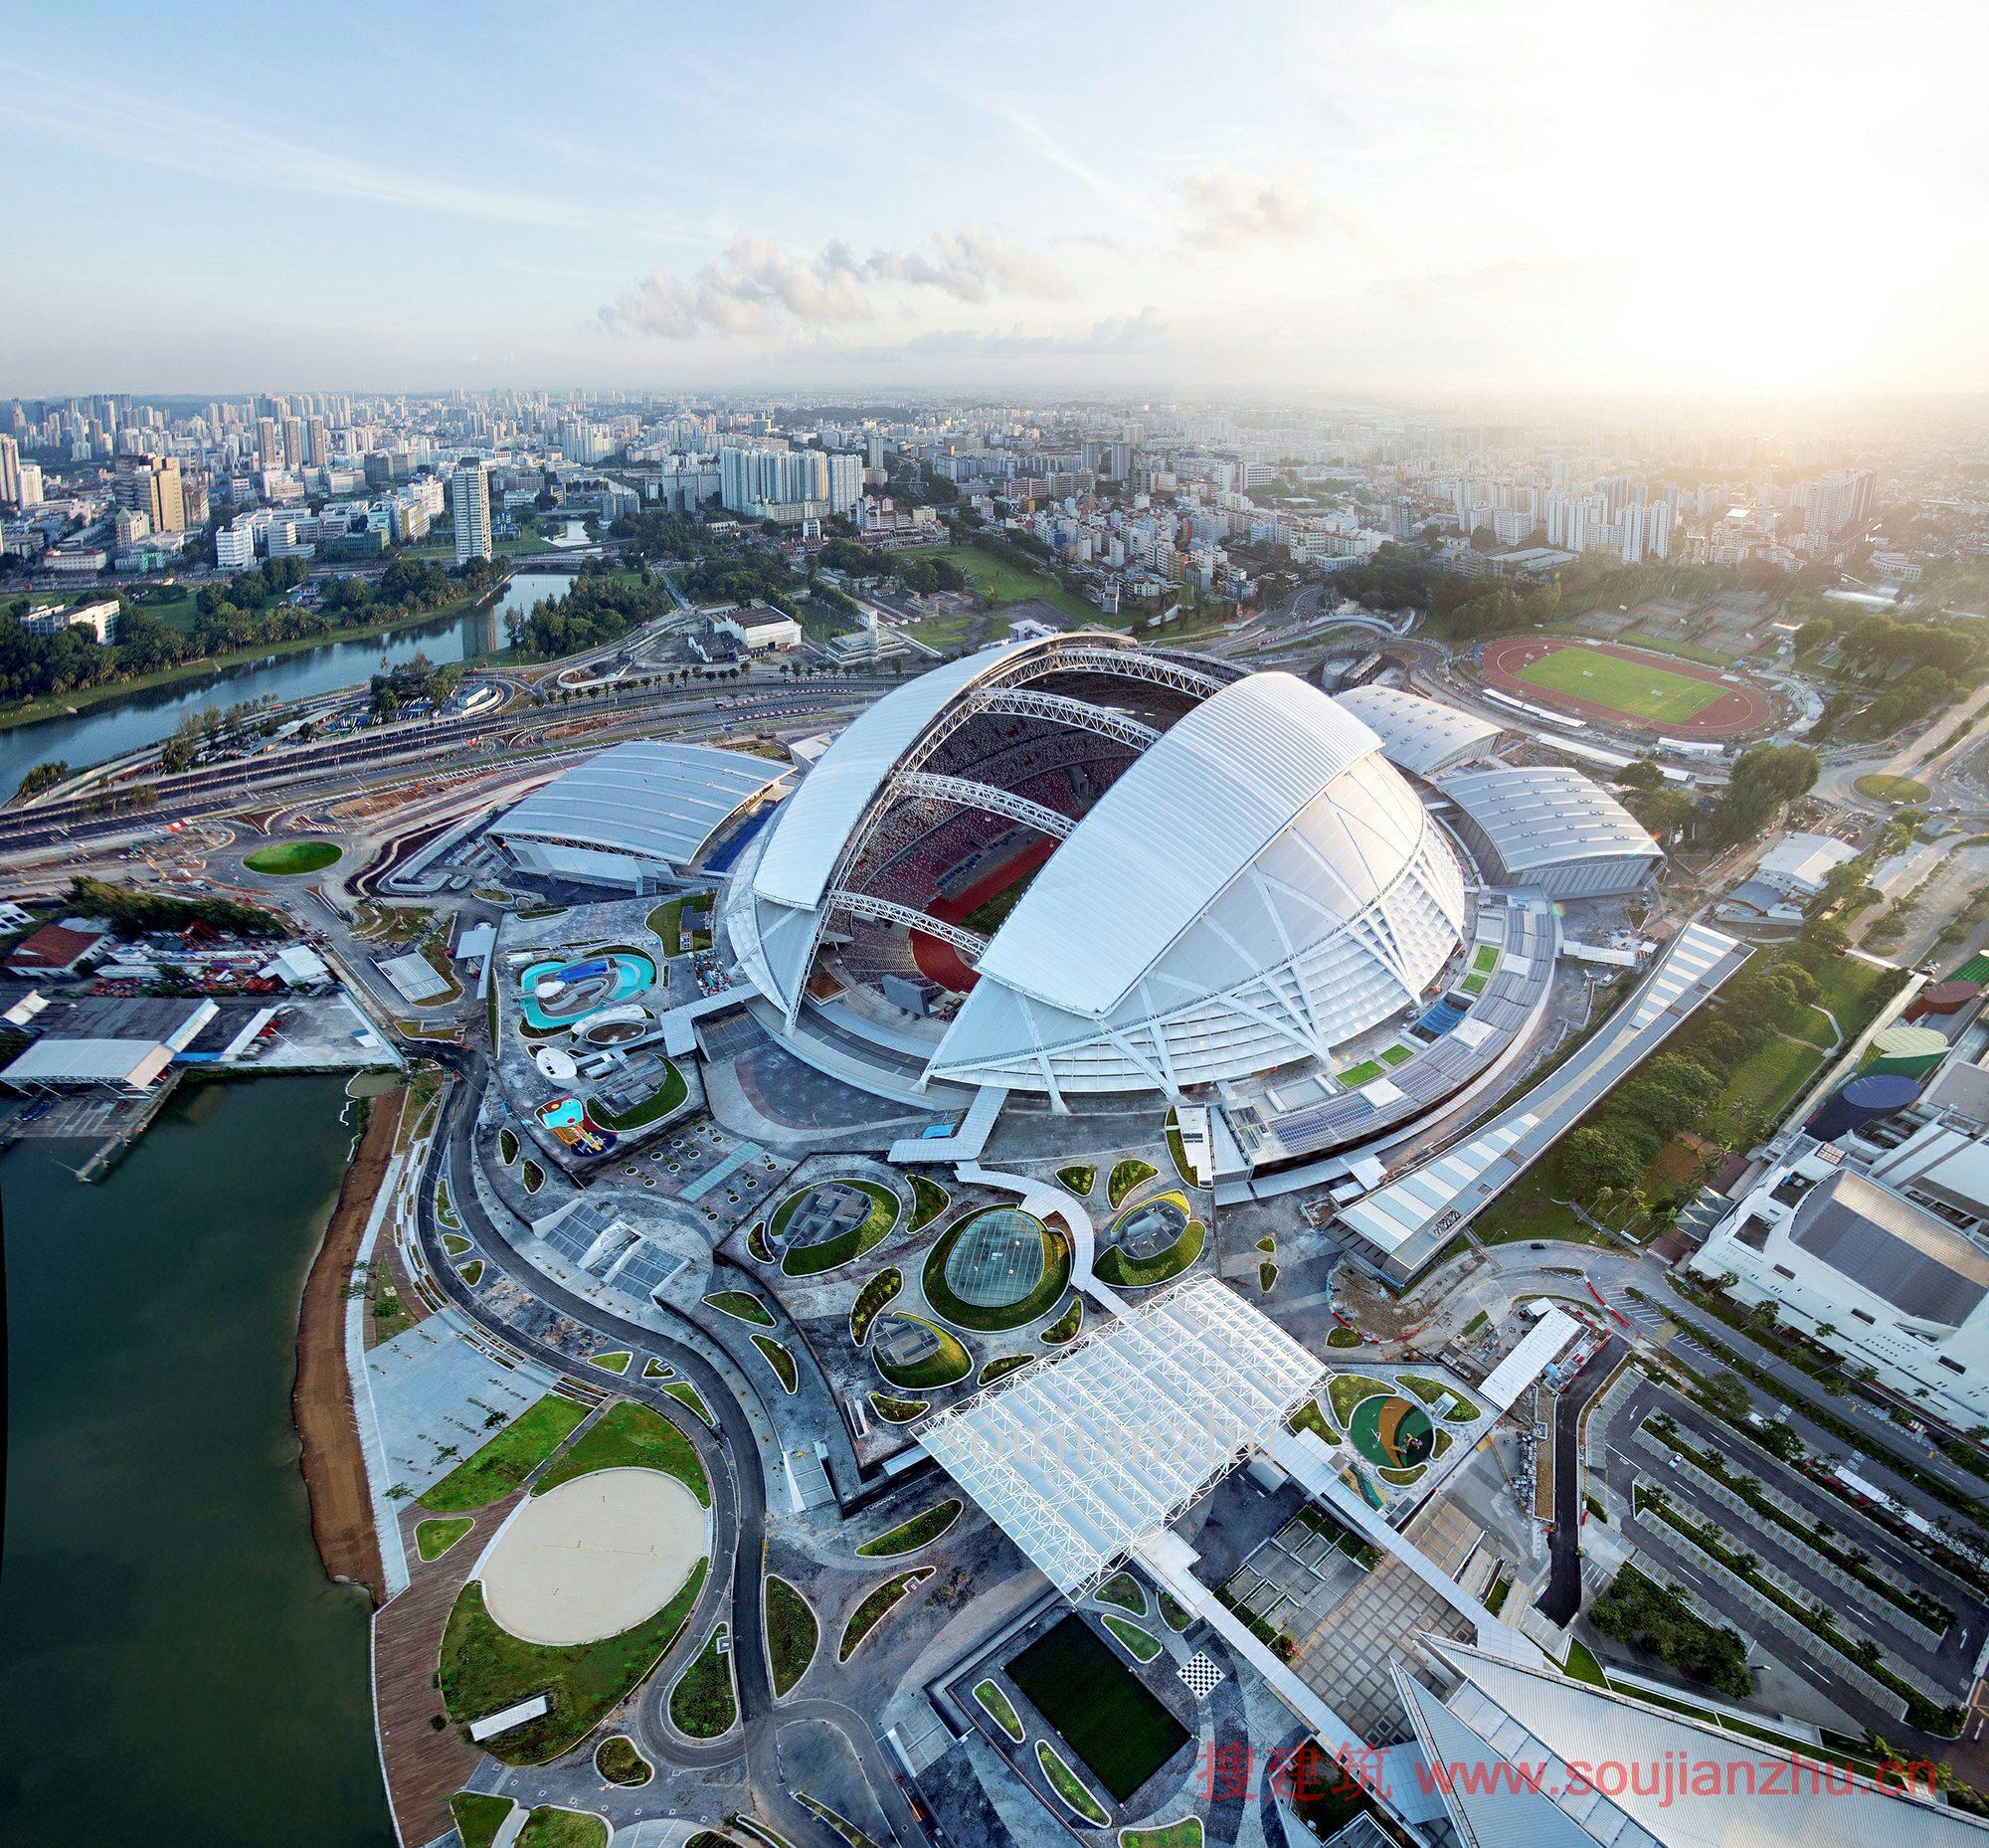 項目名稱:新加坡體育城 建筑設計:DP建筑師事務所,Arup 景觀設計:AECOM 地點:新加坡 年份:2014 新加坡體育城 愿景 - 創建一個獨特的生態系統 2014年6月新加坡慶祝了亞洲首個體育、休閑和生活方式的綜合性中心-新加坡體育城的開幕。新加坡體育城坐落在風景優美的35公頃濱水場地,提供了一個獨特的體育、購物和休閑場所的綜合生態系統,同時成為新加坡拓展的城市中心和公共市區之間的樞紐。 新加坡體育城是新加坡政府市區重建及體育設施總體規劃2030年新加坡體育遠景規劃 的一個重